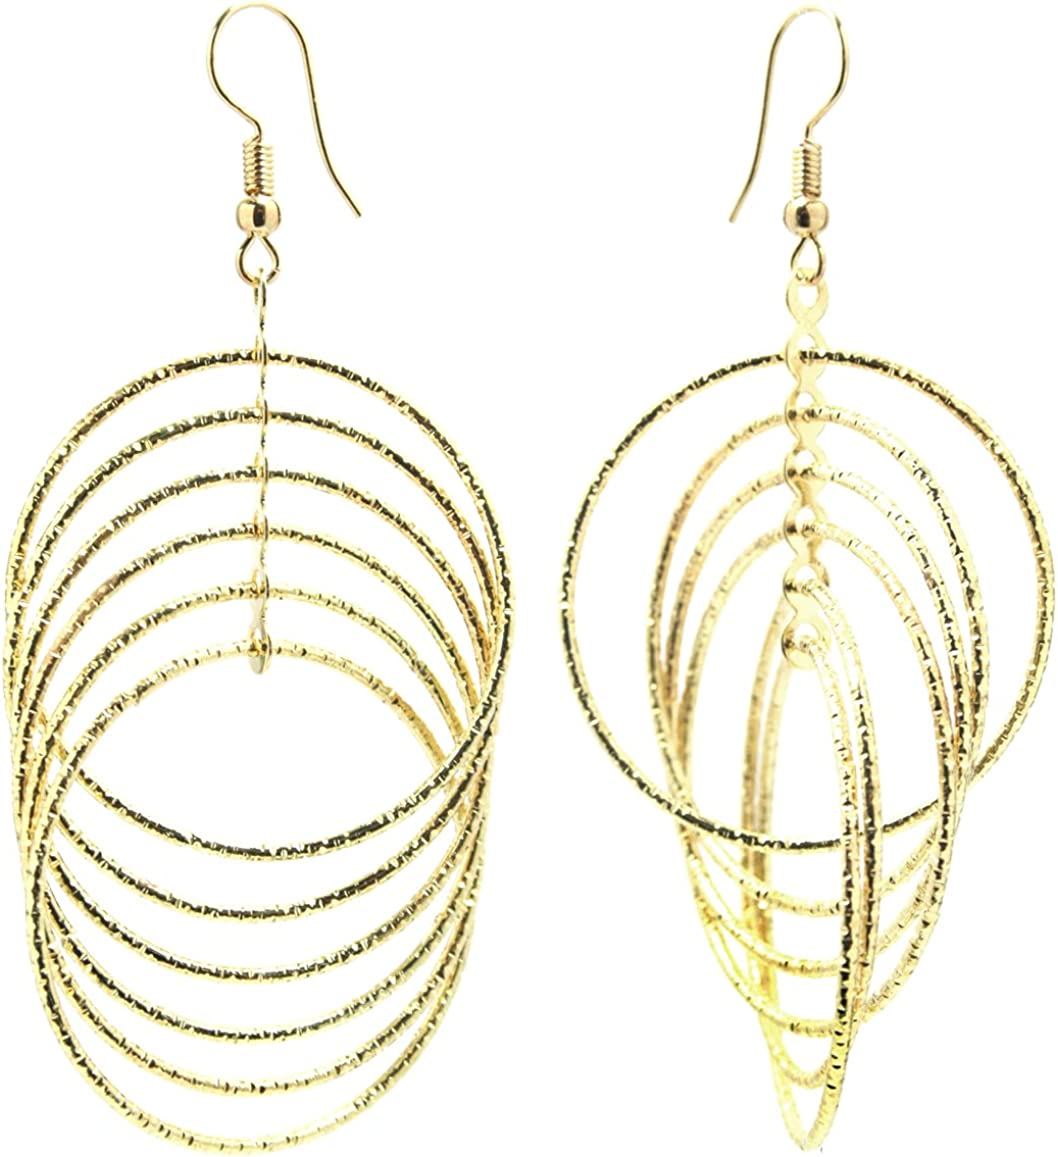 2LIVEfor - Pendientes de aro largos de plata y oro, largos, grandes, modernos, redondos